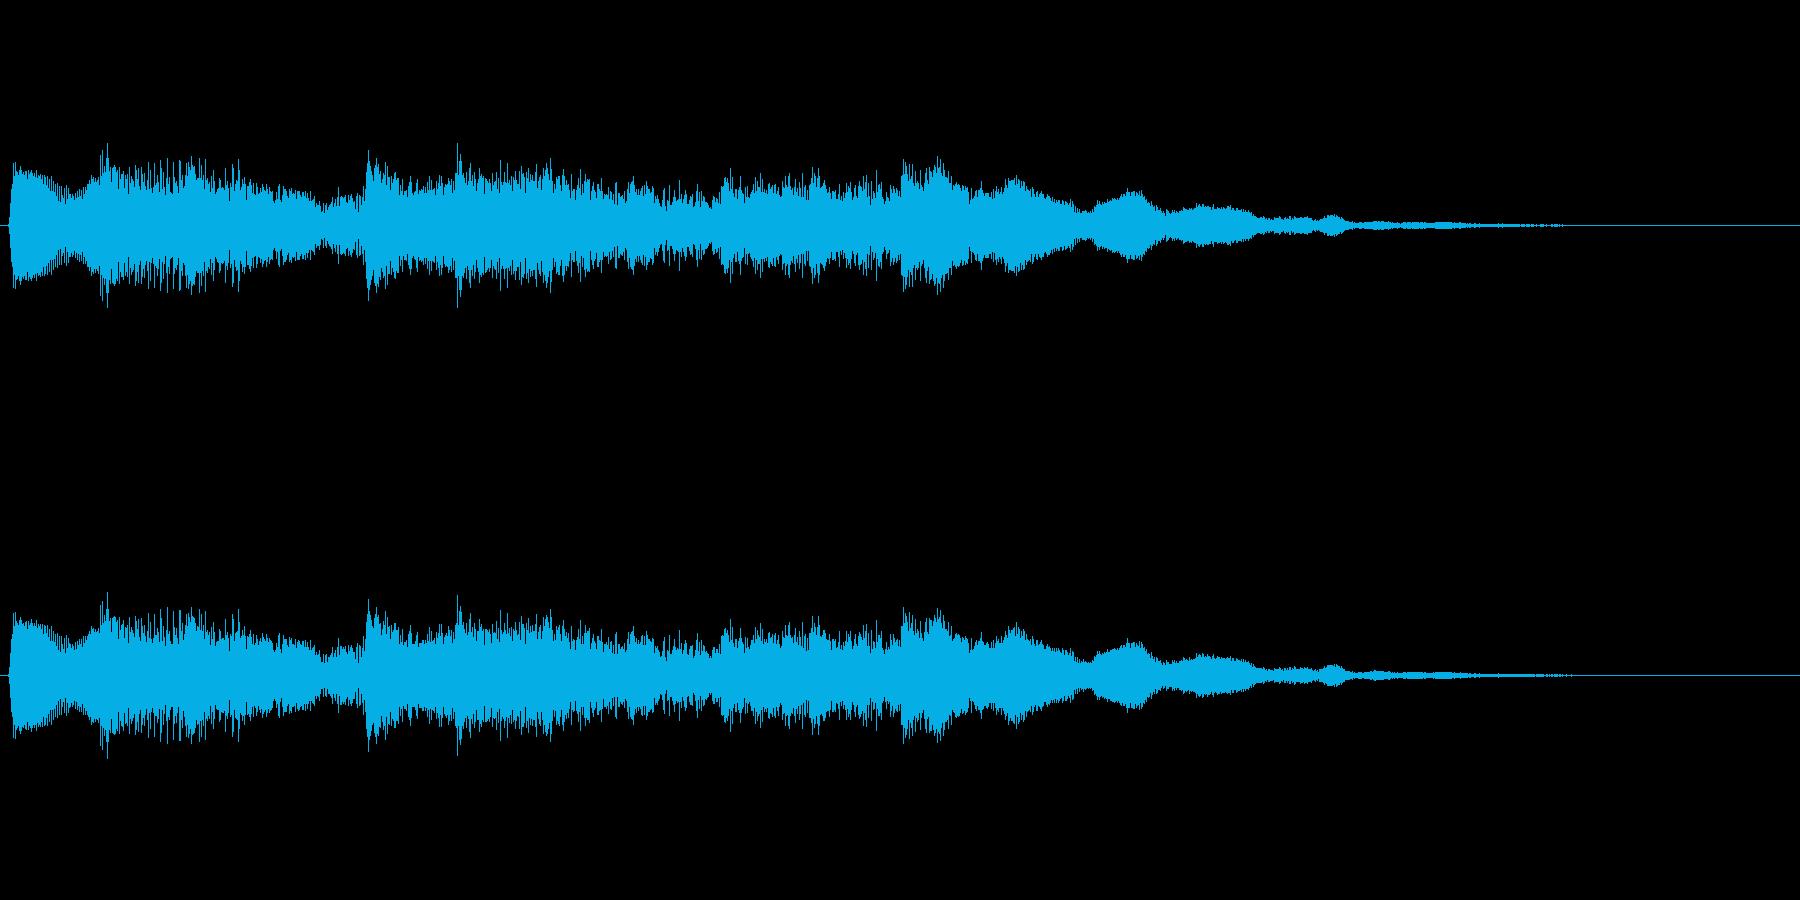 キラリンキラリンキラリーン☆クリスタル音の再生済みの波形